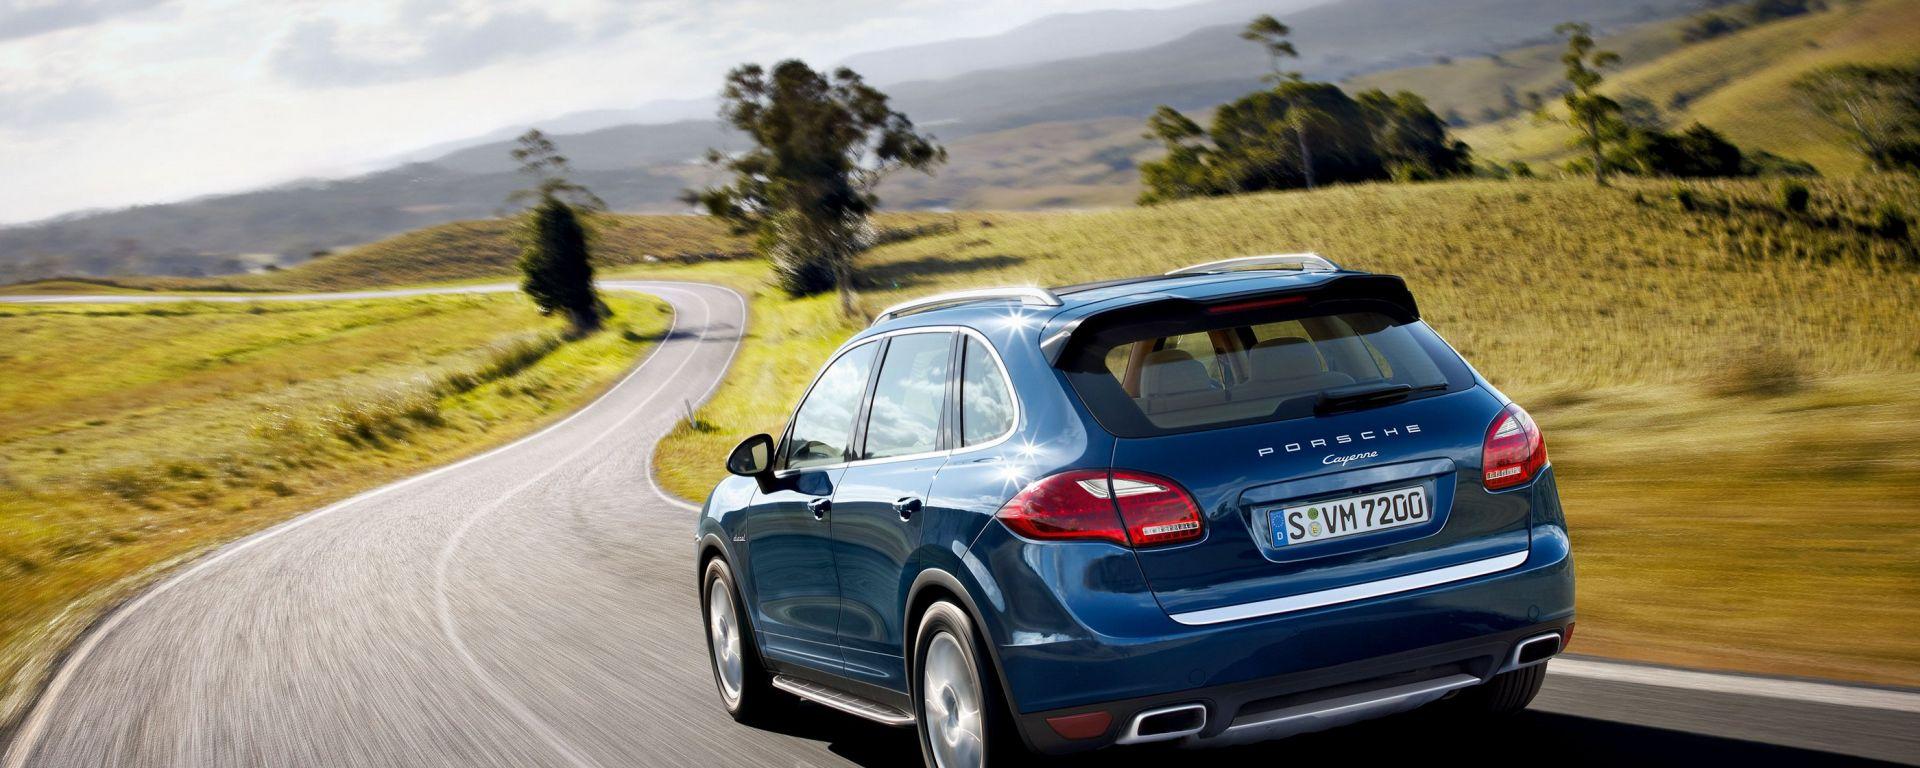 Porsche, dalla Germania altra inchiesta sui V6 Diesel